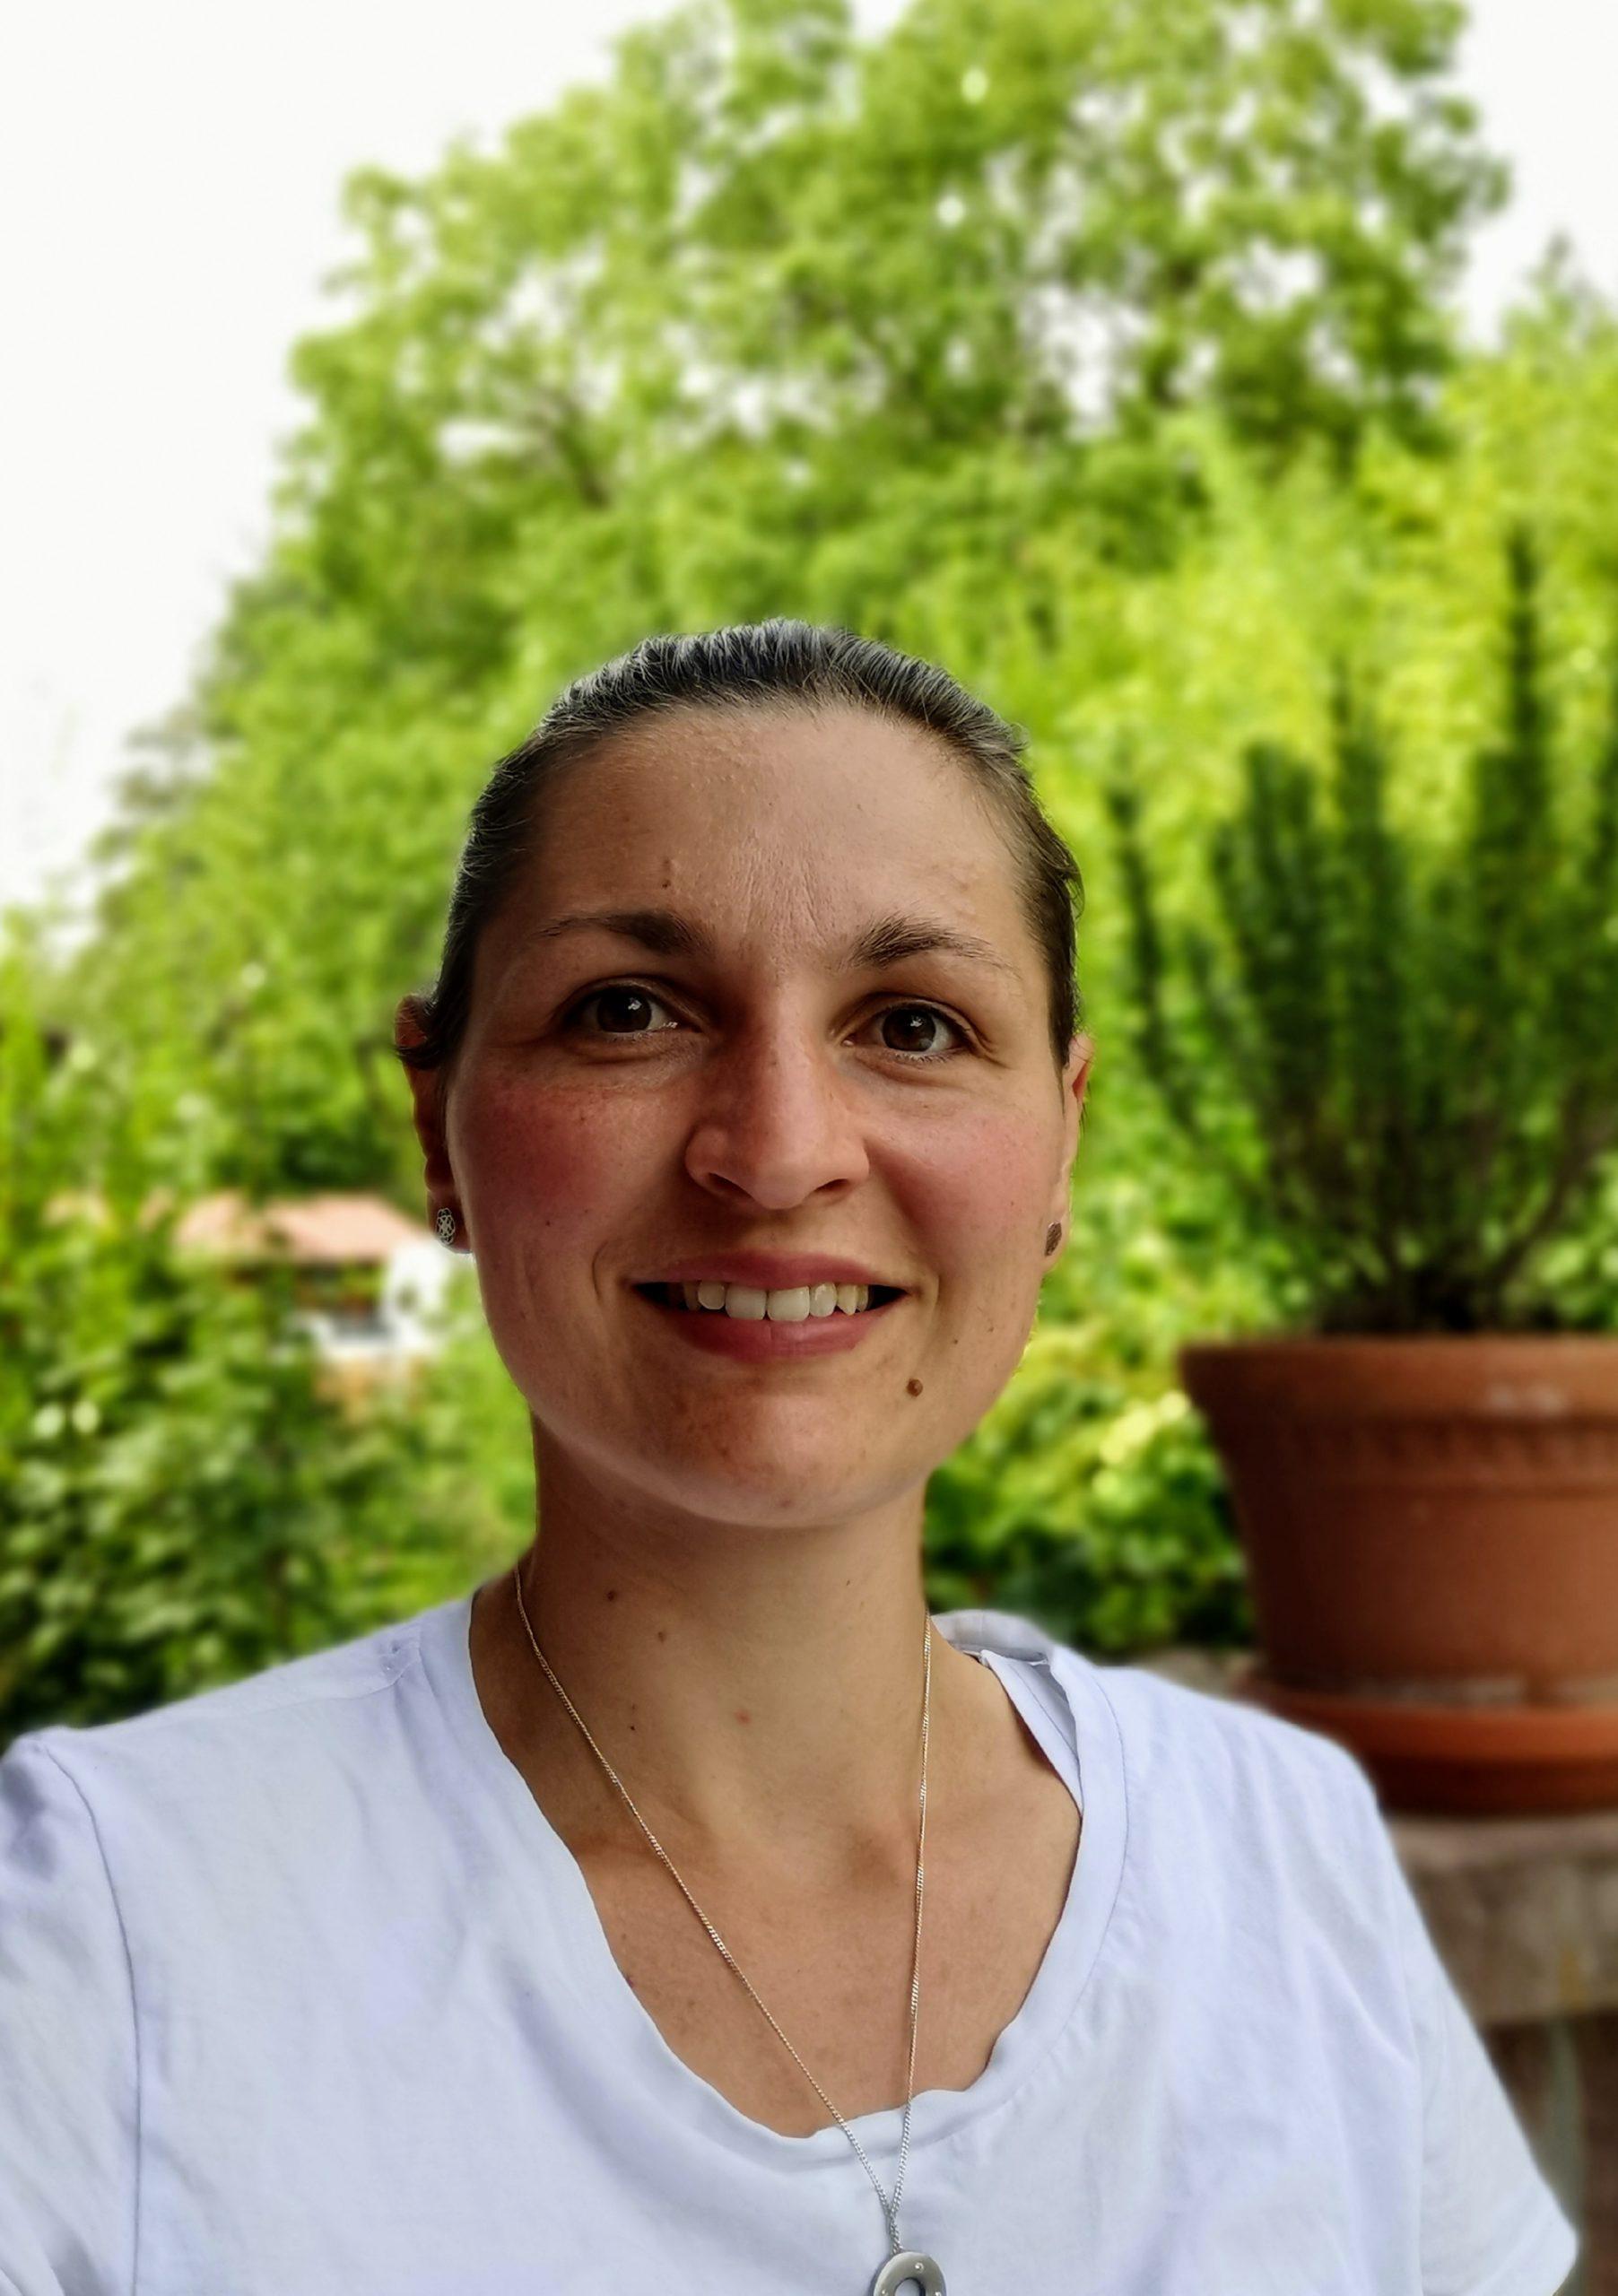 Sabrina Stumpf